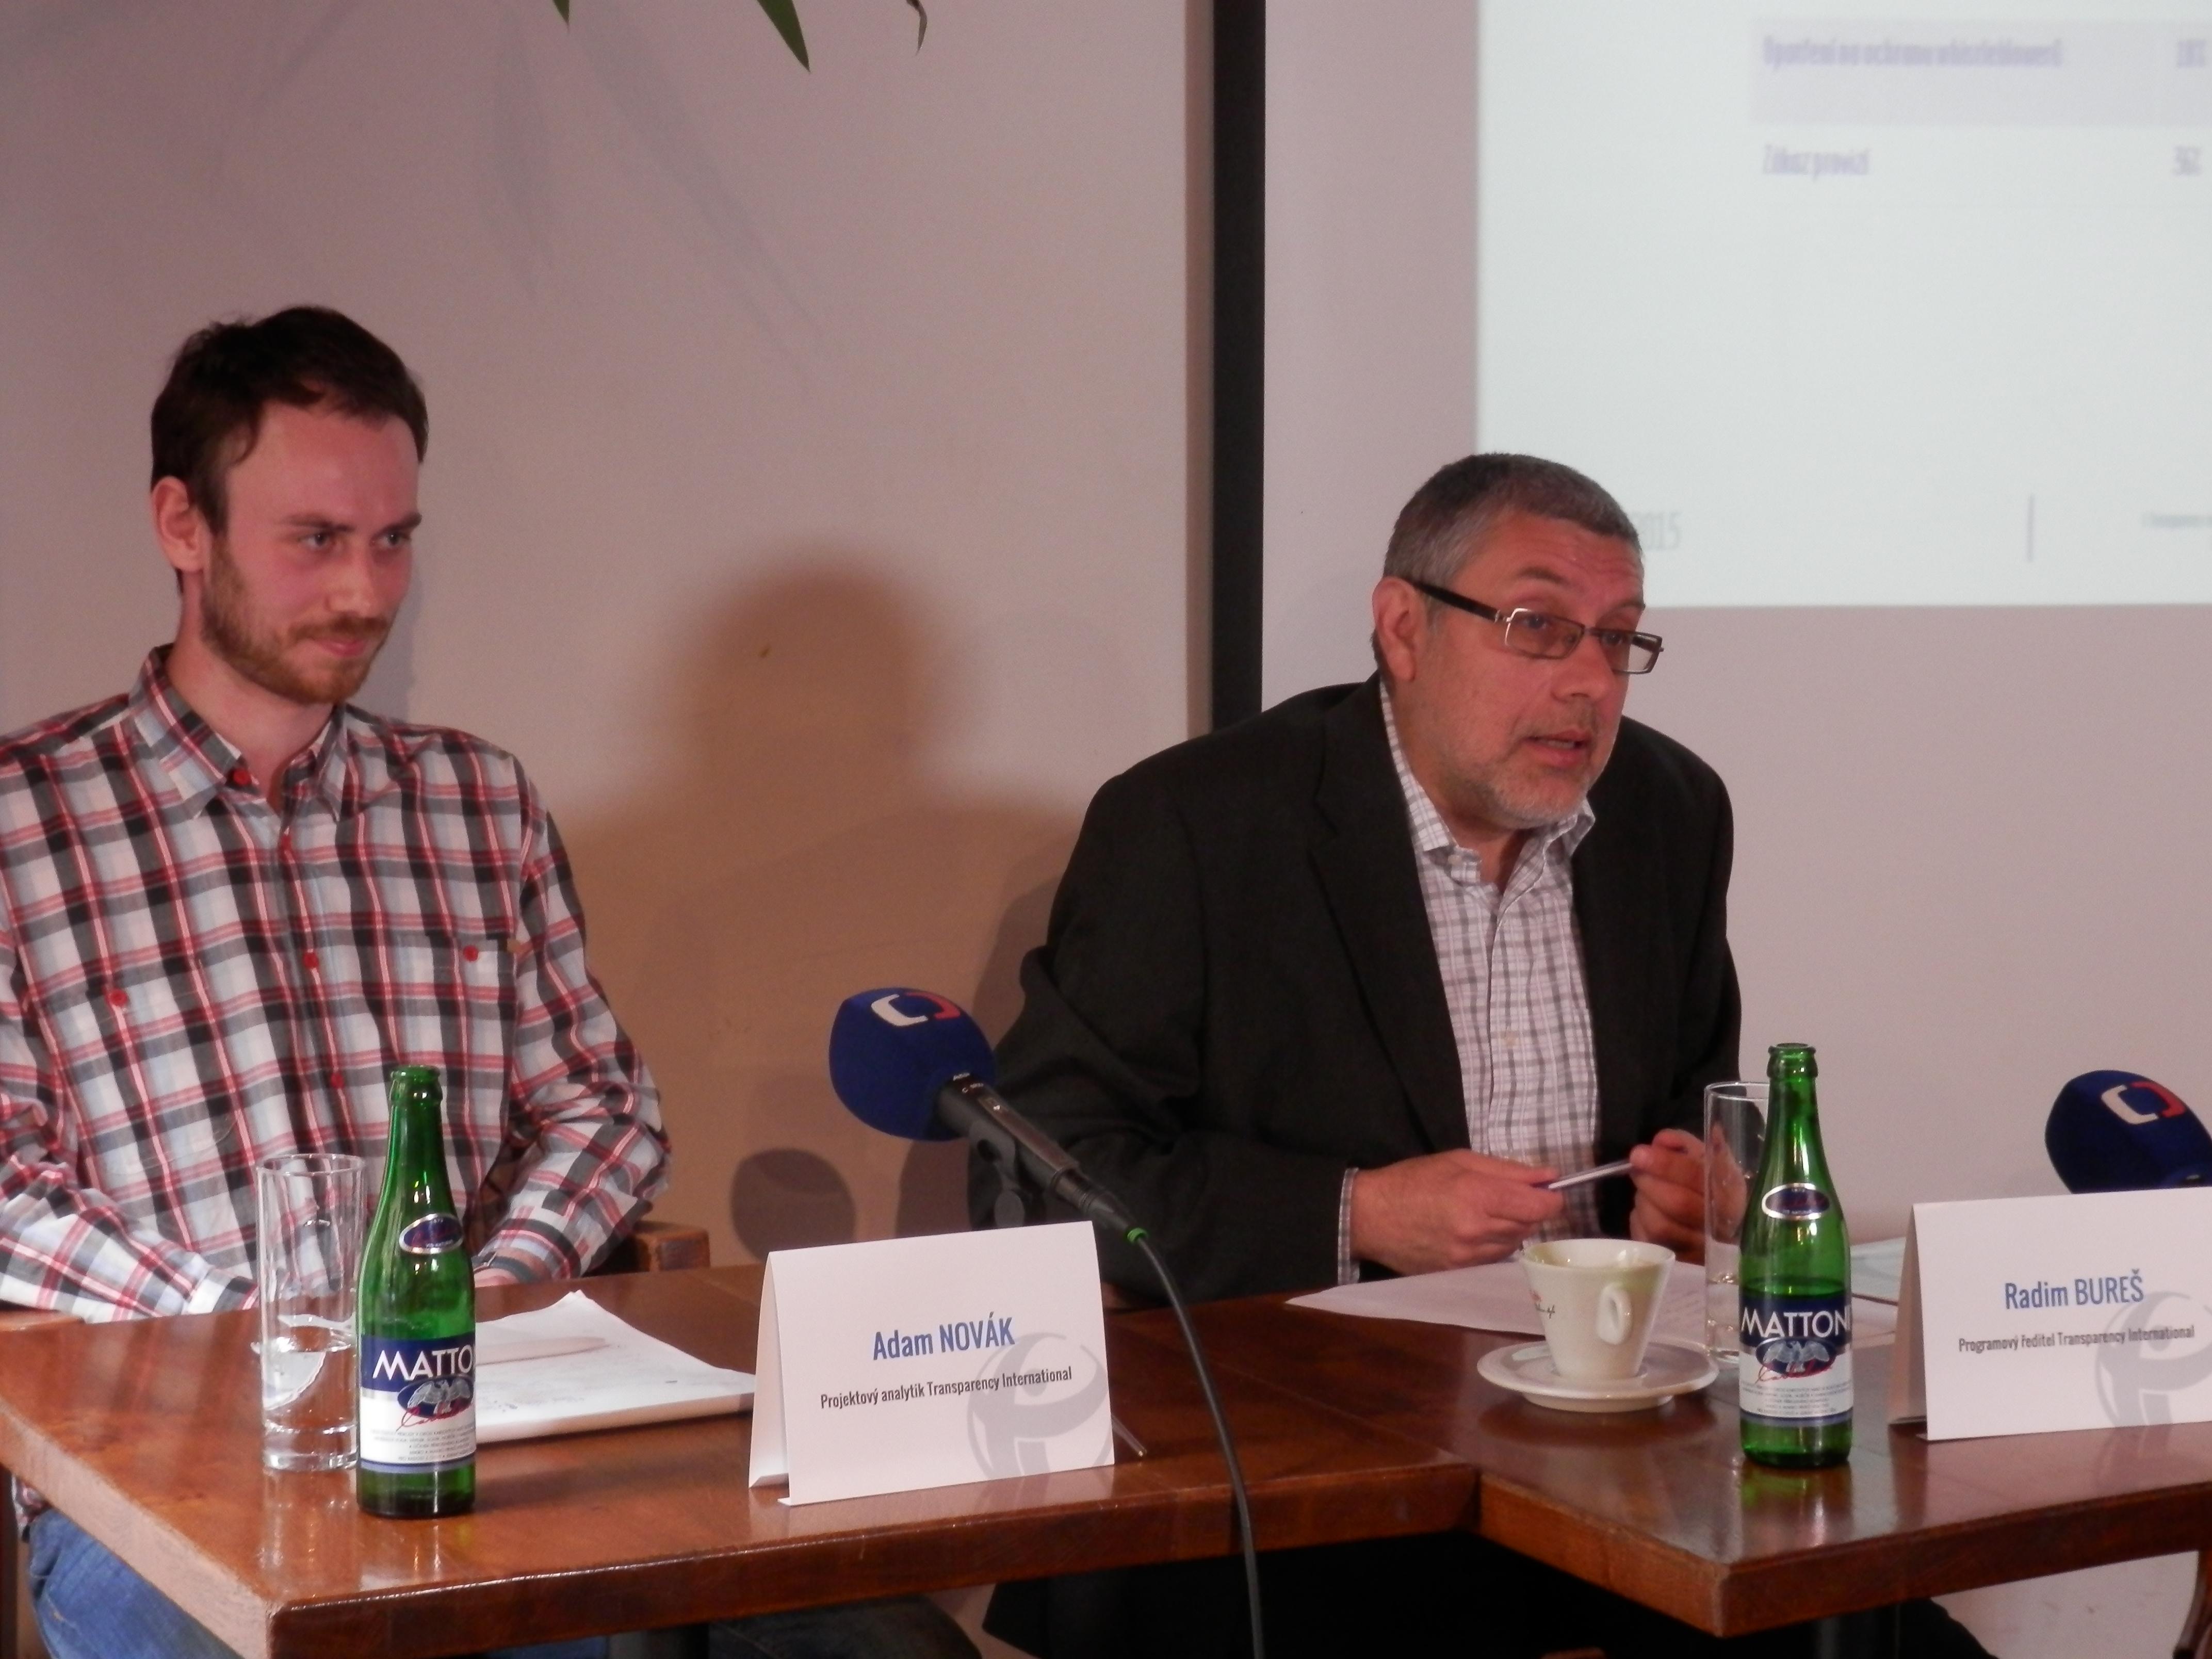 Tisková konference k protikorupčnímu indexu zbrojařských firem, výsledky studie představuje programový ředitel TI Radim Bureš